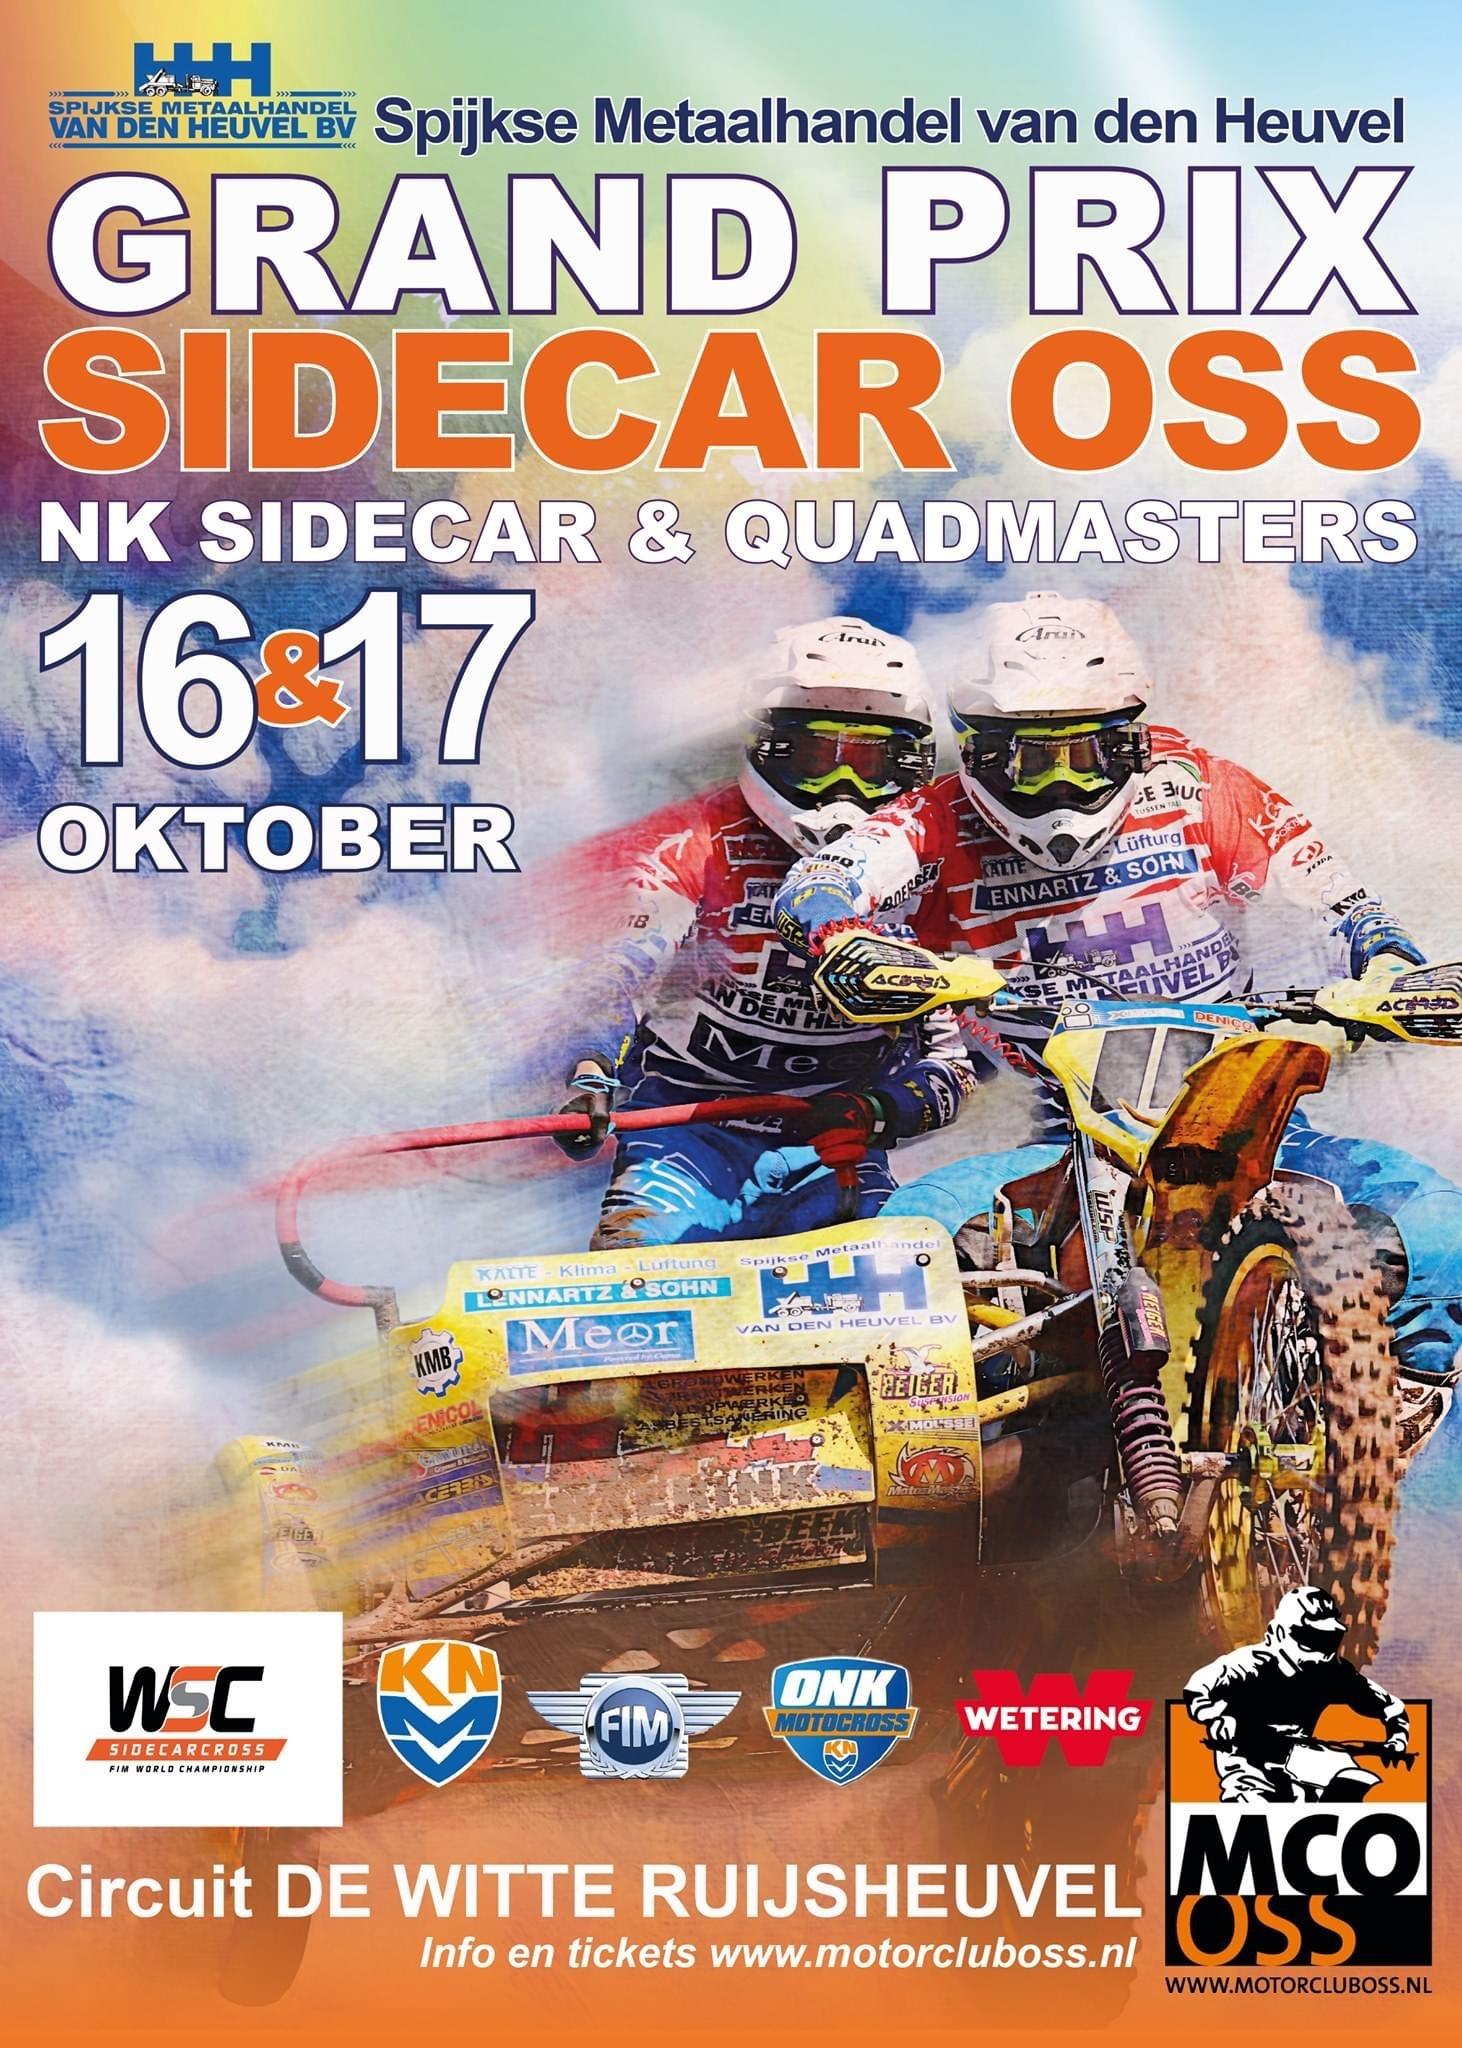 GP Oss 16 okt - October 17, 2021